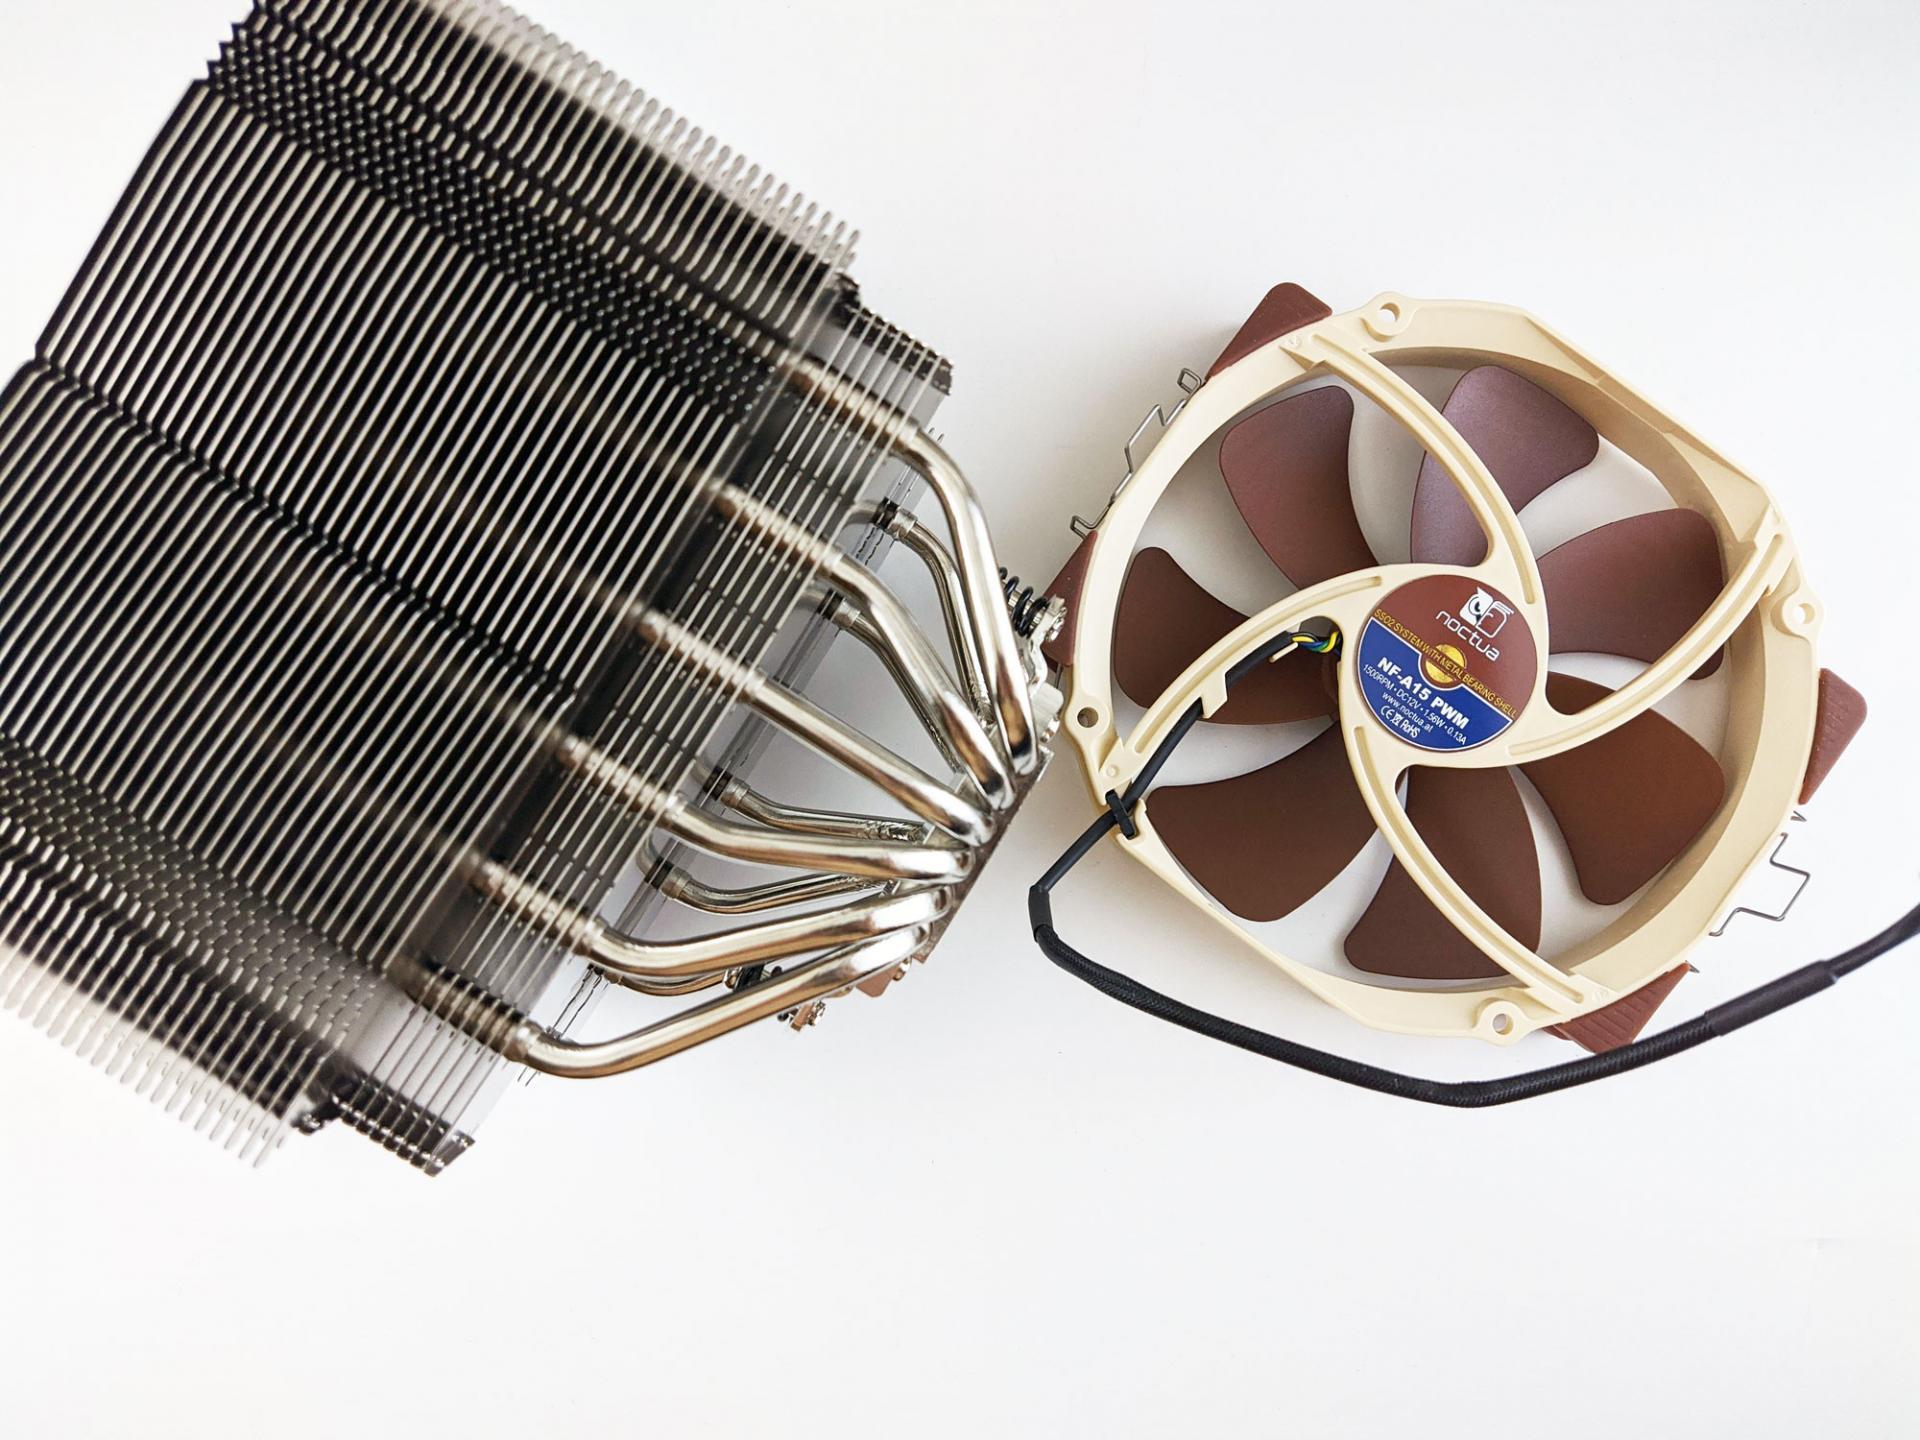 Тест-драйв кулера для процессора Noctua NH-D15S